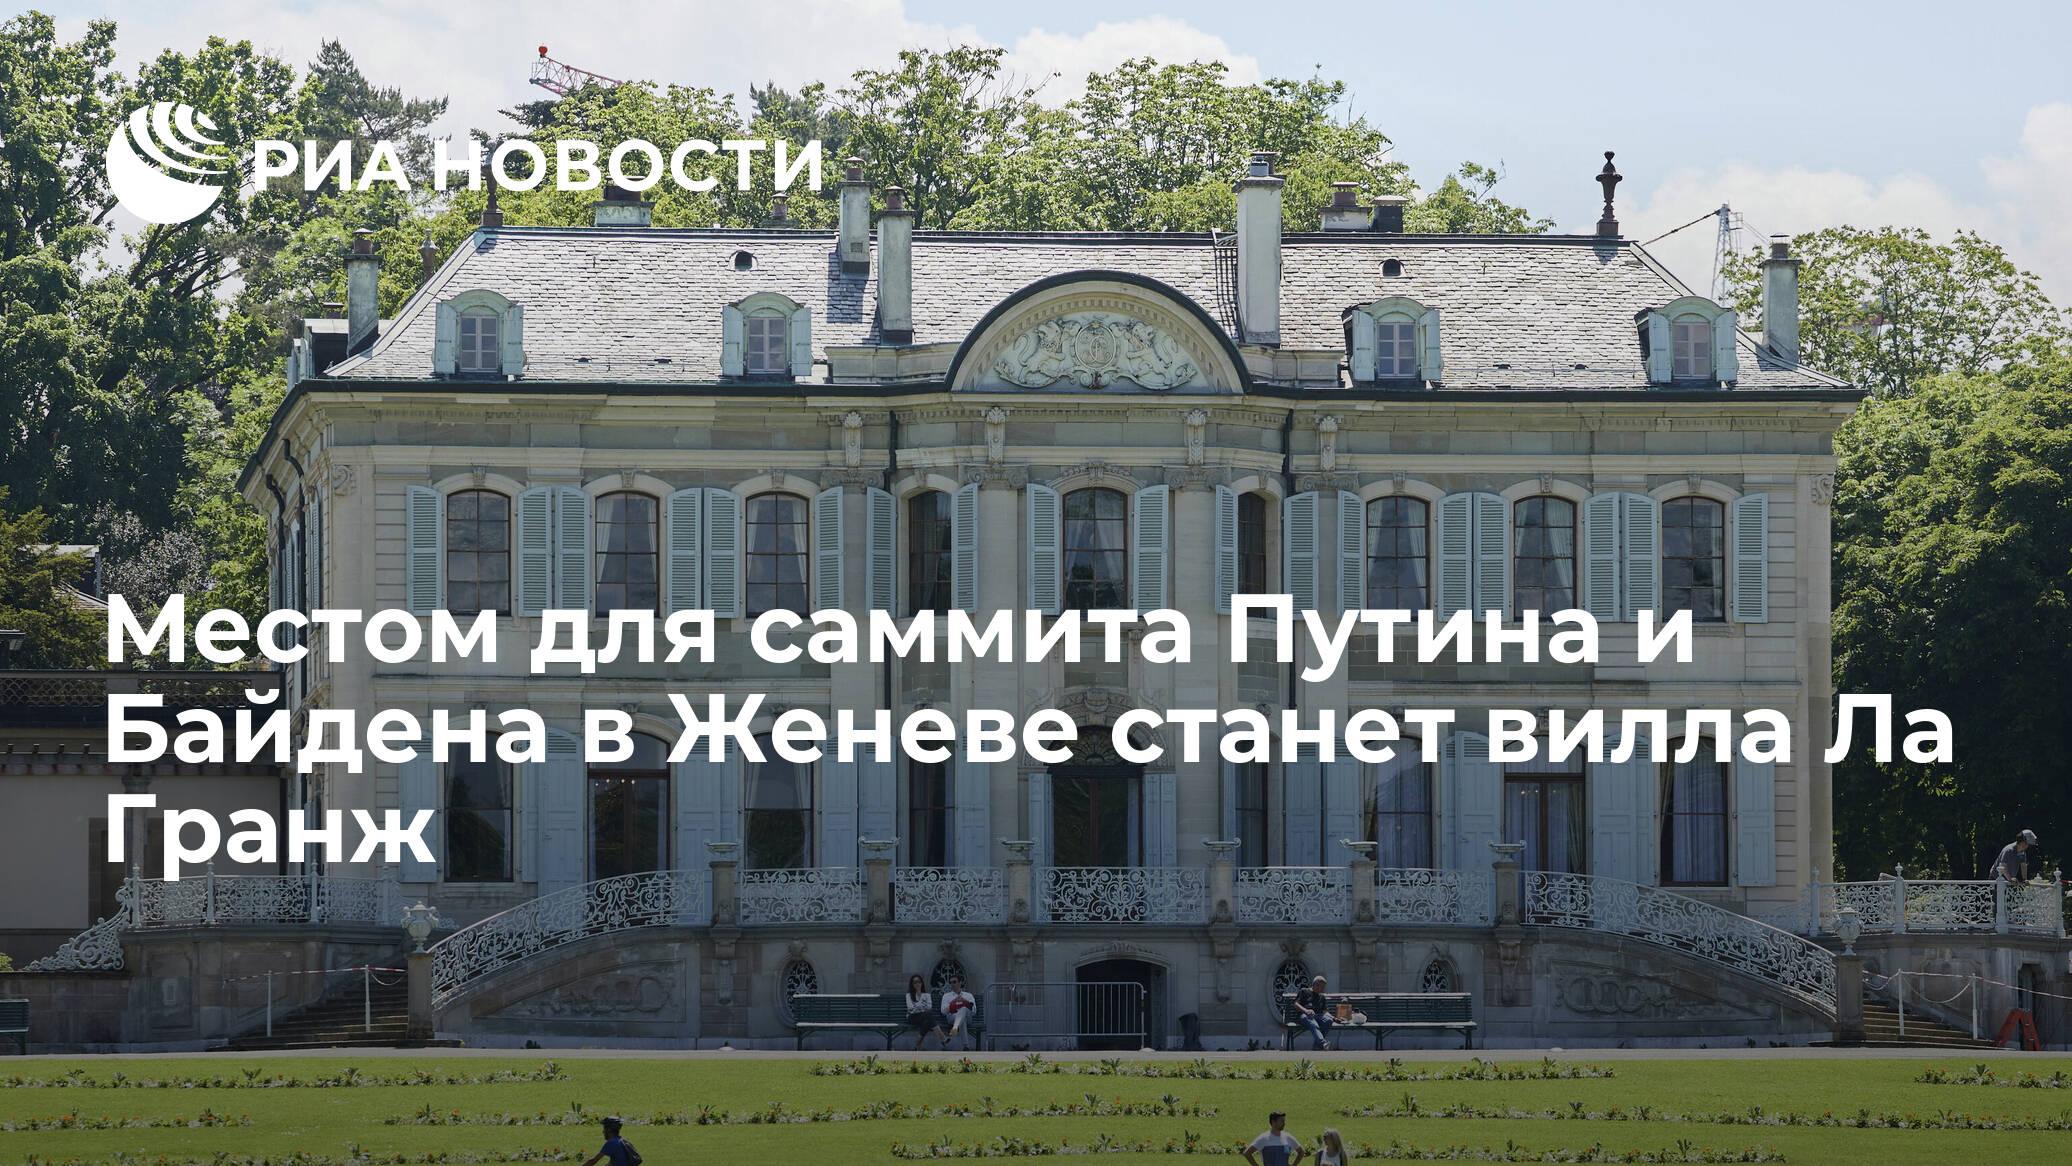 Местом встречи Путина и Байдена в Женеве станет вилла Ла Гранж